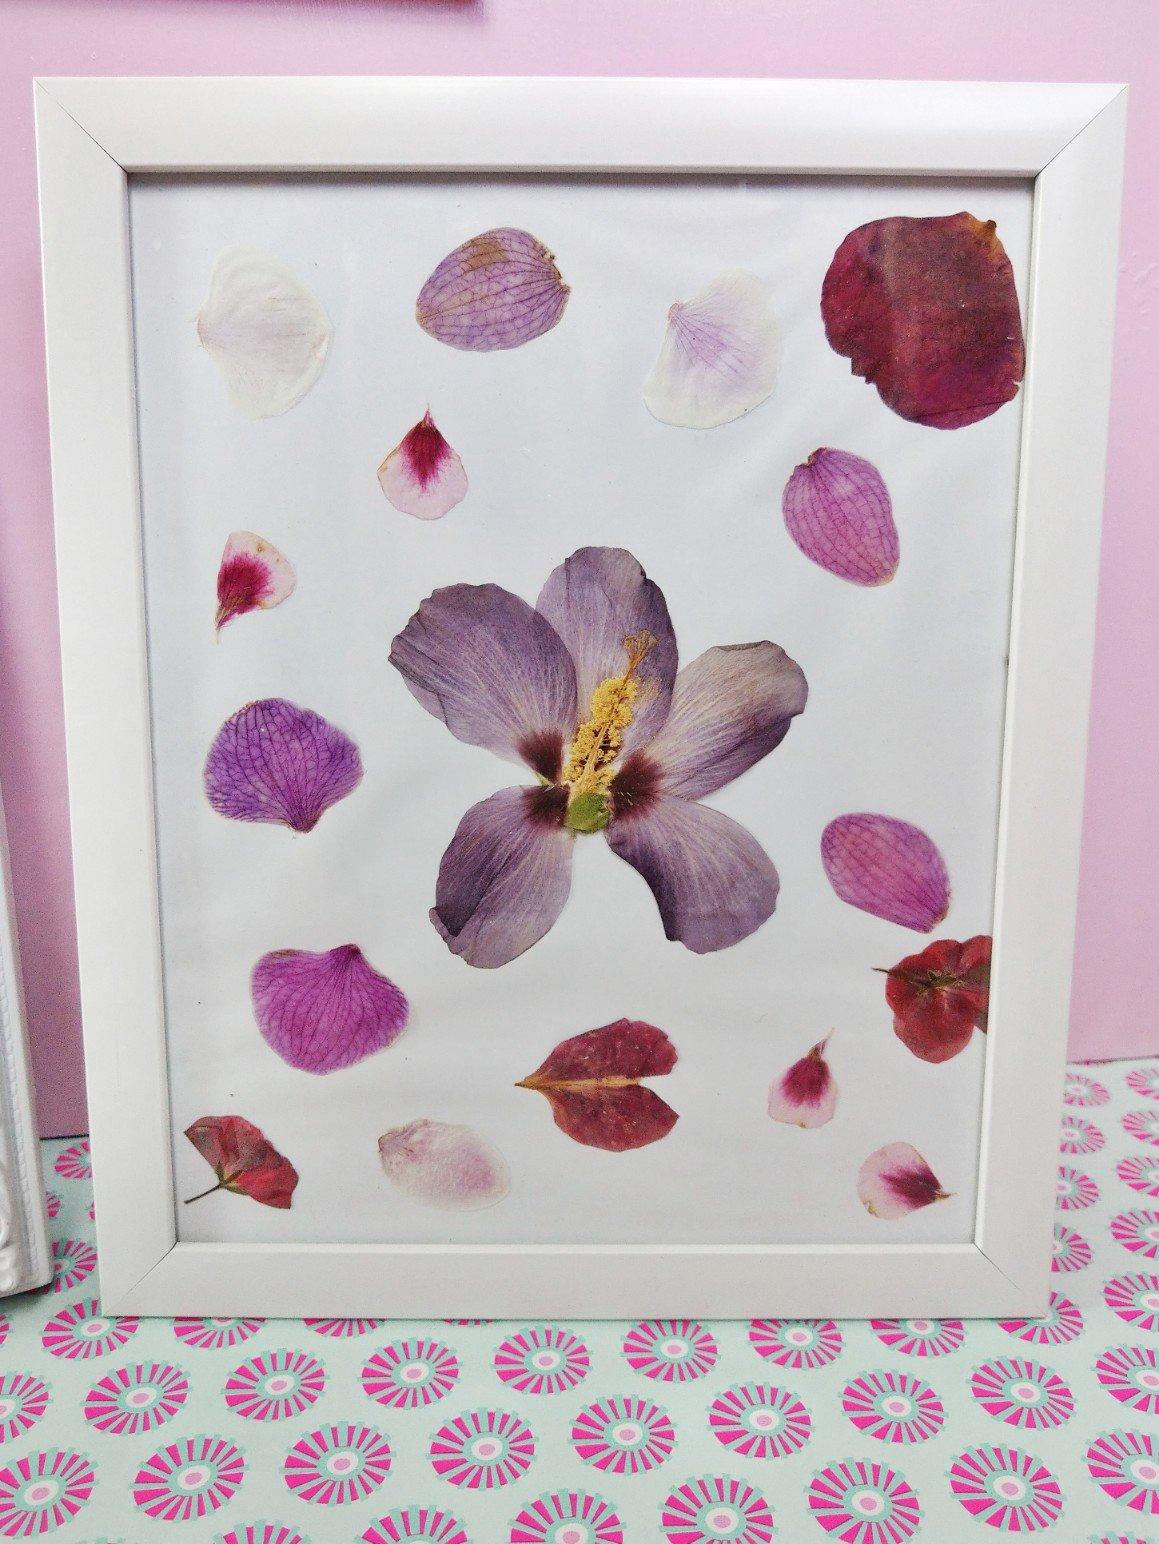 Deko Idee im Bilderrahmen aus getrockneten Blumen und Blüten.